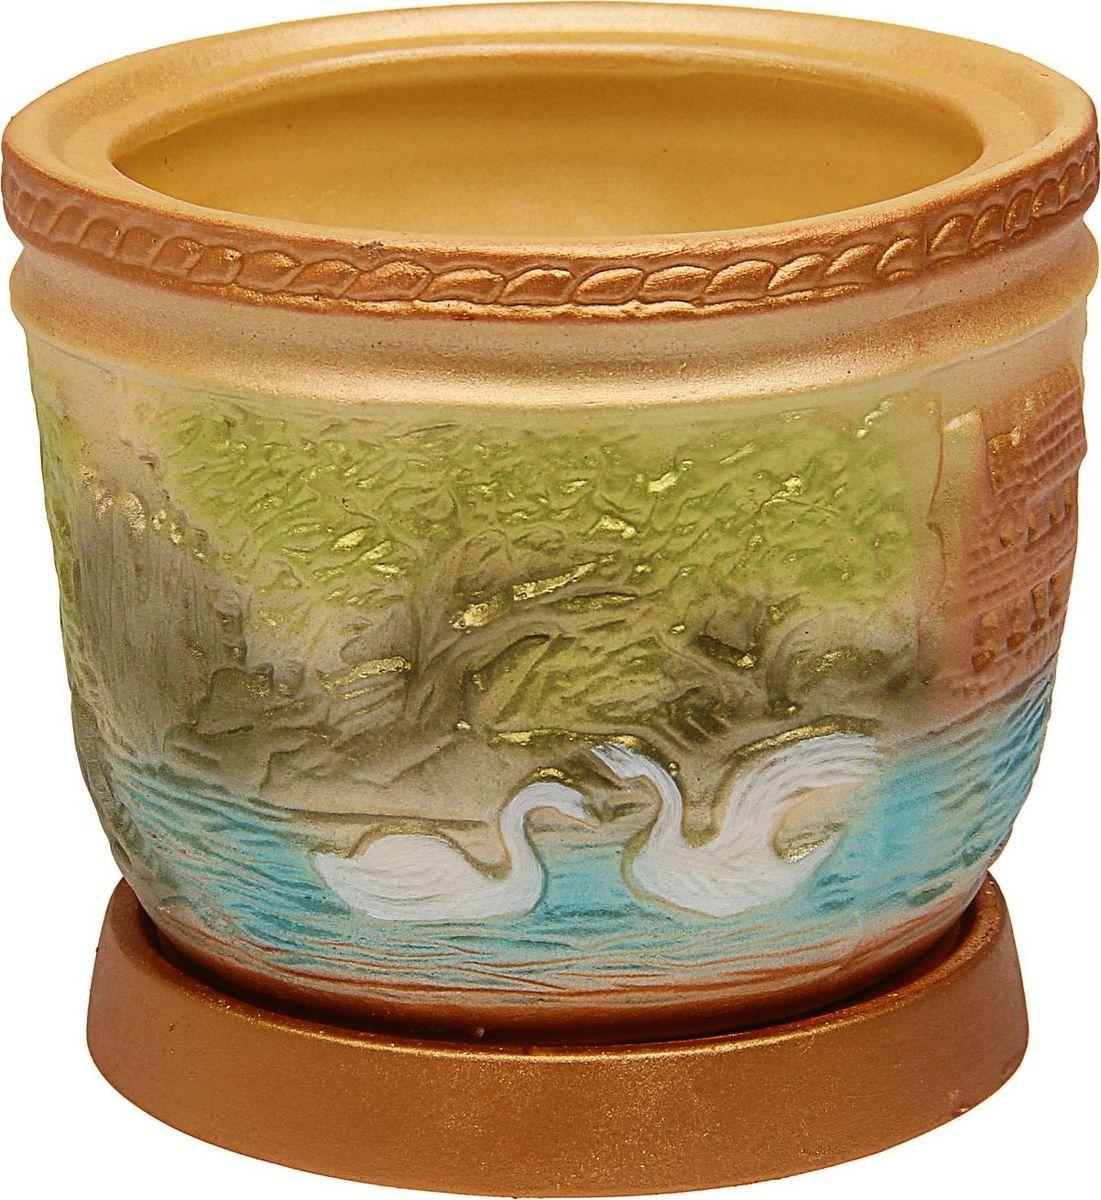 Кашпо Керамика ручной работы, цвет: мультиколор, 2,5 л1465278Комнатные растения - всеобщие любимцы. Они радуют глаз, насыщают помещение кислородом и украшают пространство. Каждому из них необходим свой удобный и красивый дом.Кашпо из керамики прекрасно подходит для высадки растений:за счёт пластичности глины и разных способов обработки существует великое множество форм и дизайнов; пористый материал позволяет испаряться лишней влаге; воздух, необходимый для дыхания корней, проникает сквозь керамические стенки.Кашпо для цветов освежит интерьер и подчеркнёт его стиль.